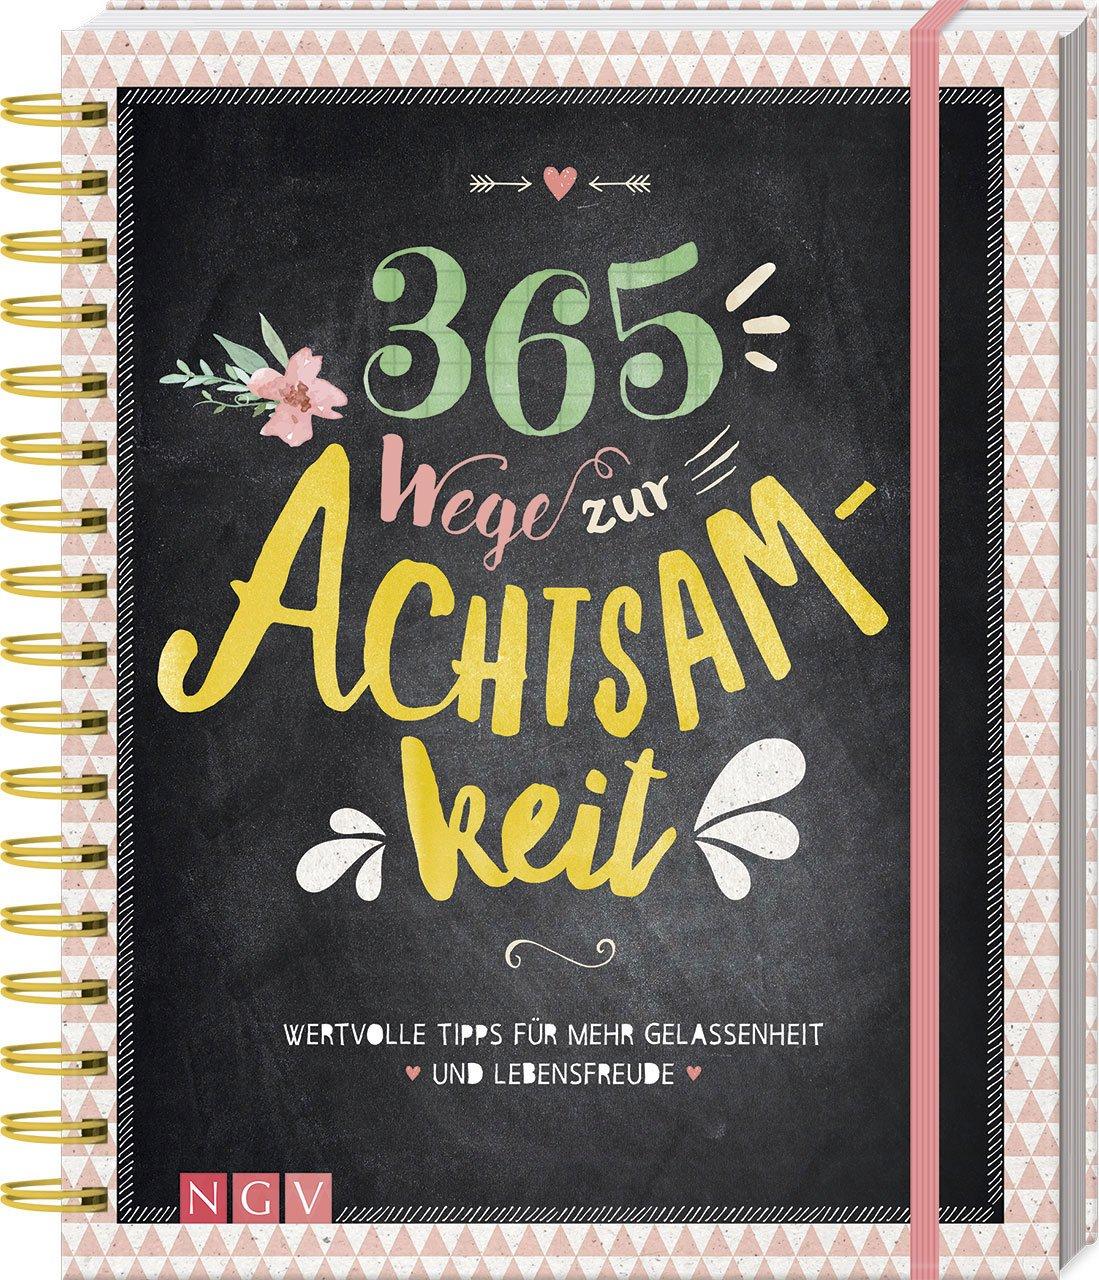 365 Wege Zur Achtsamkeit Wertvolle Tipps Für Mehr Gelassenheit Und Lebensfreude Amazon De Warkus Iris Bücher